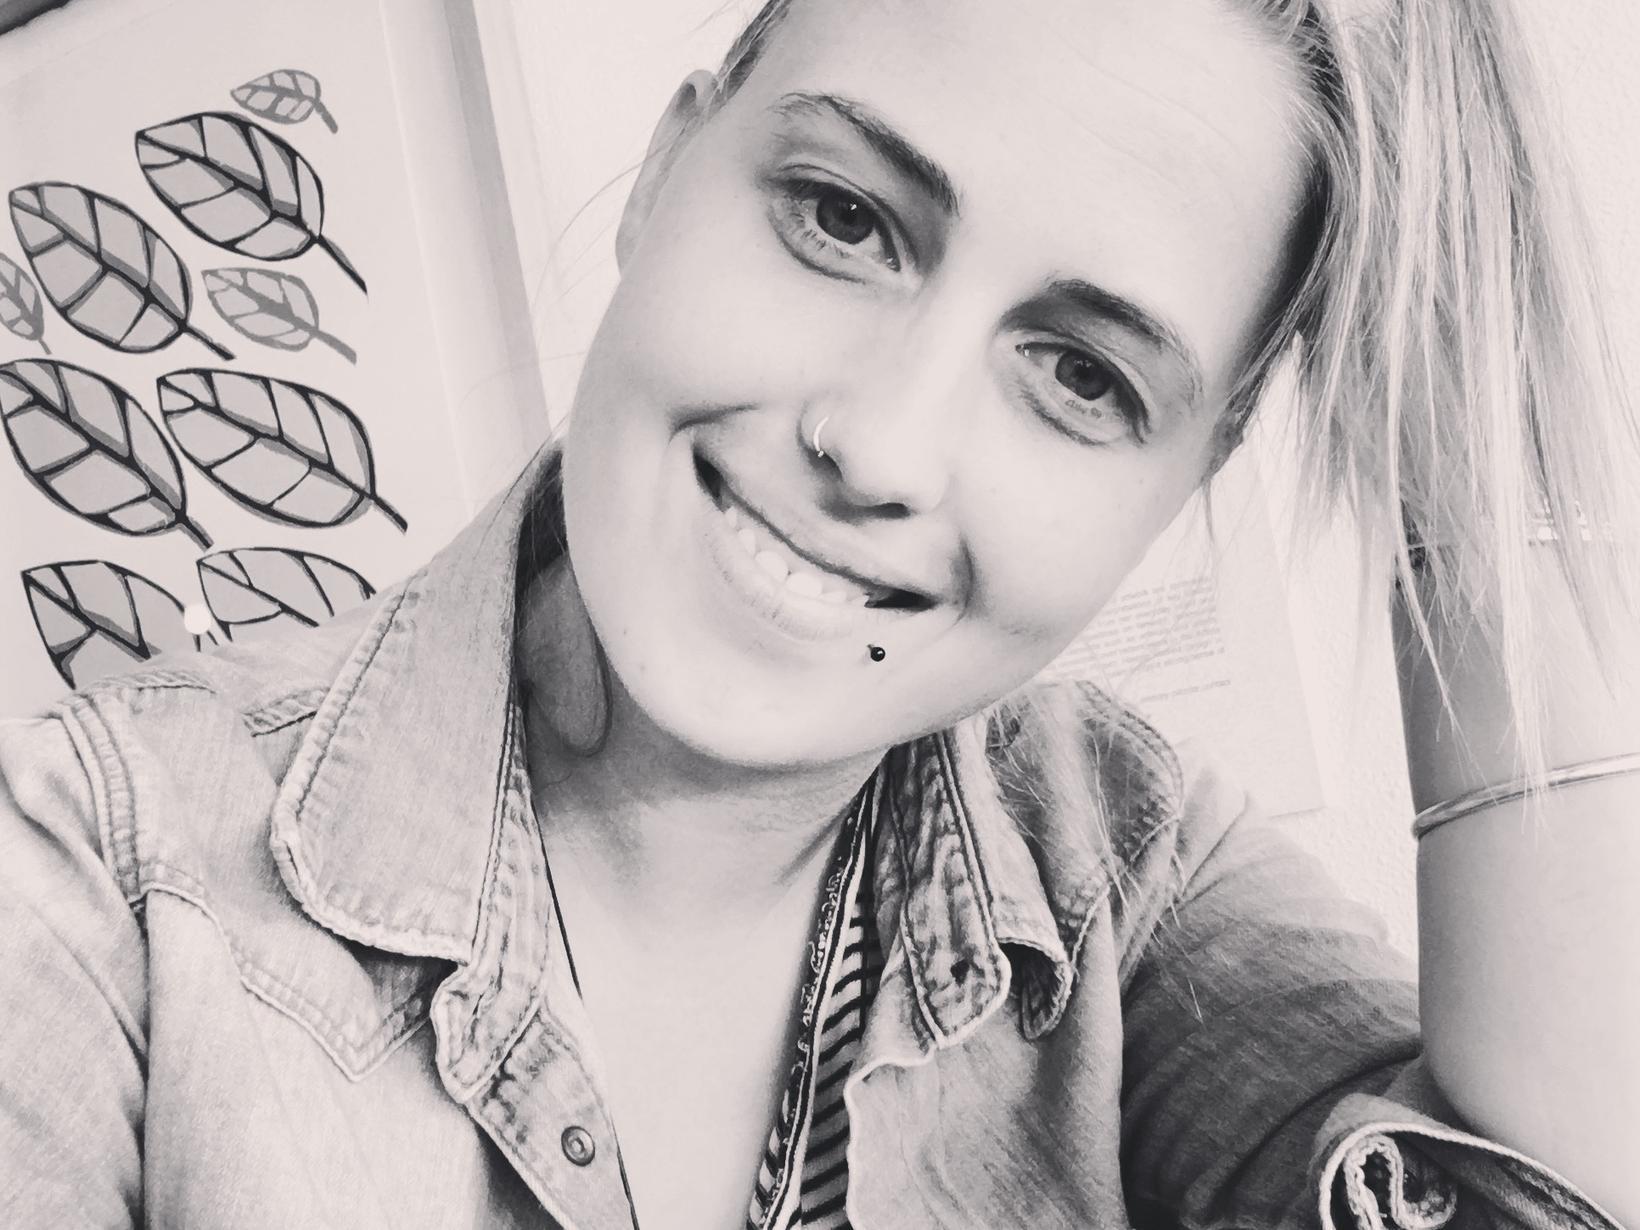 Dana from Melbourne, Victoria, Australia